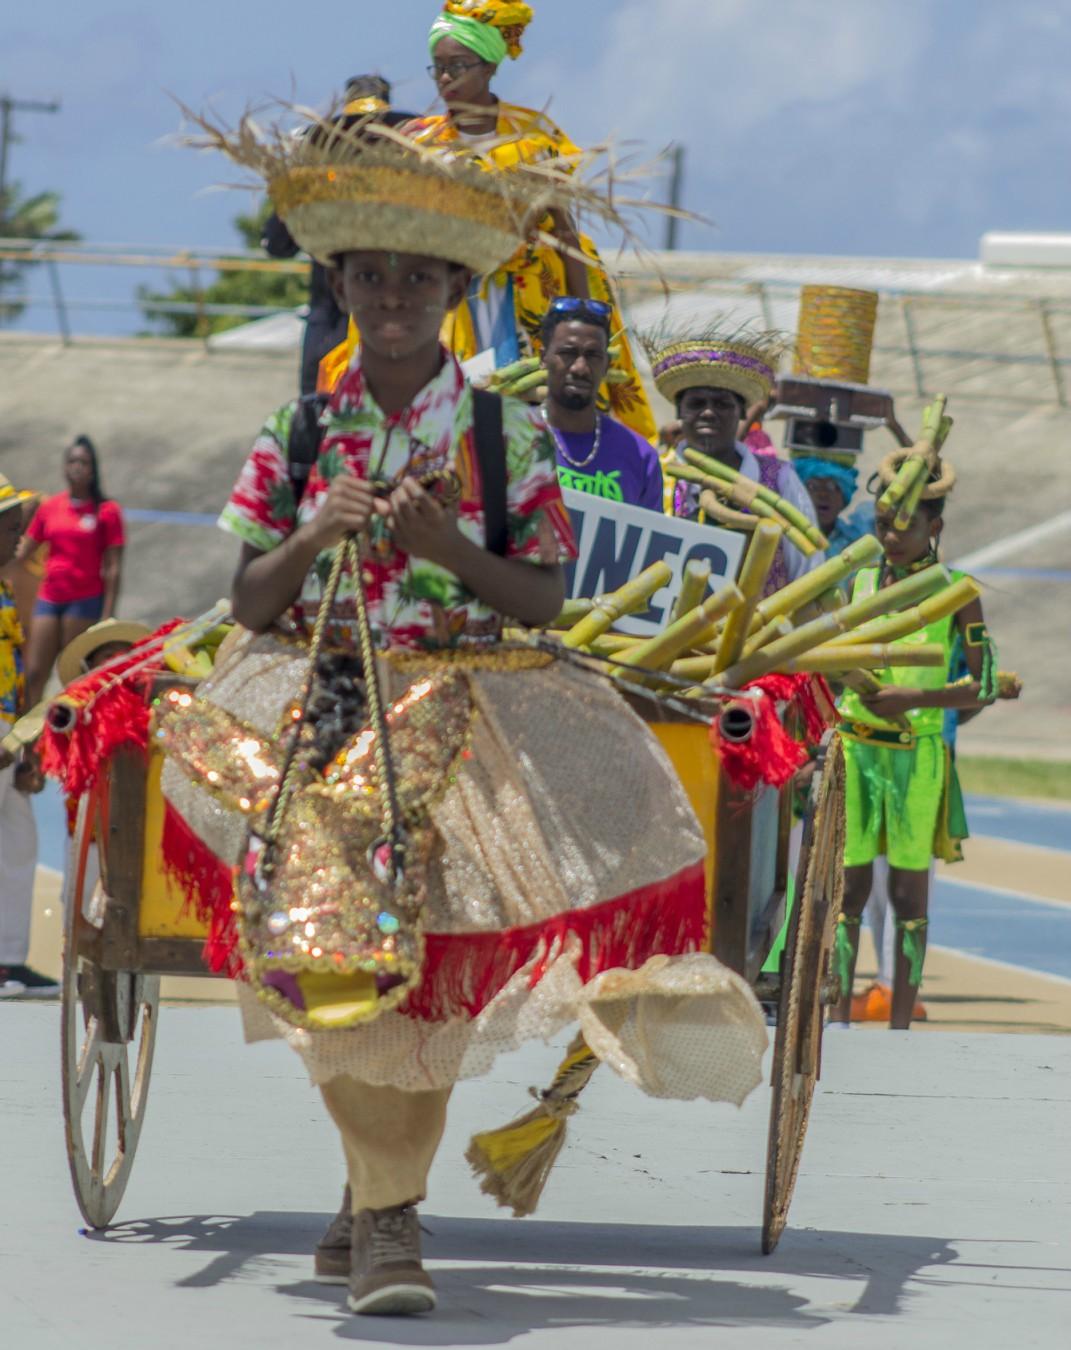 (PHOTOS: Alimayu Young-Codrington)